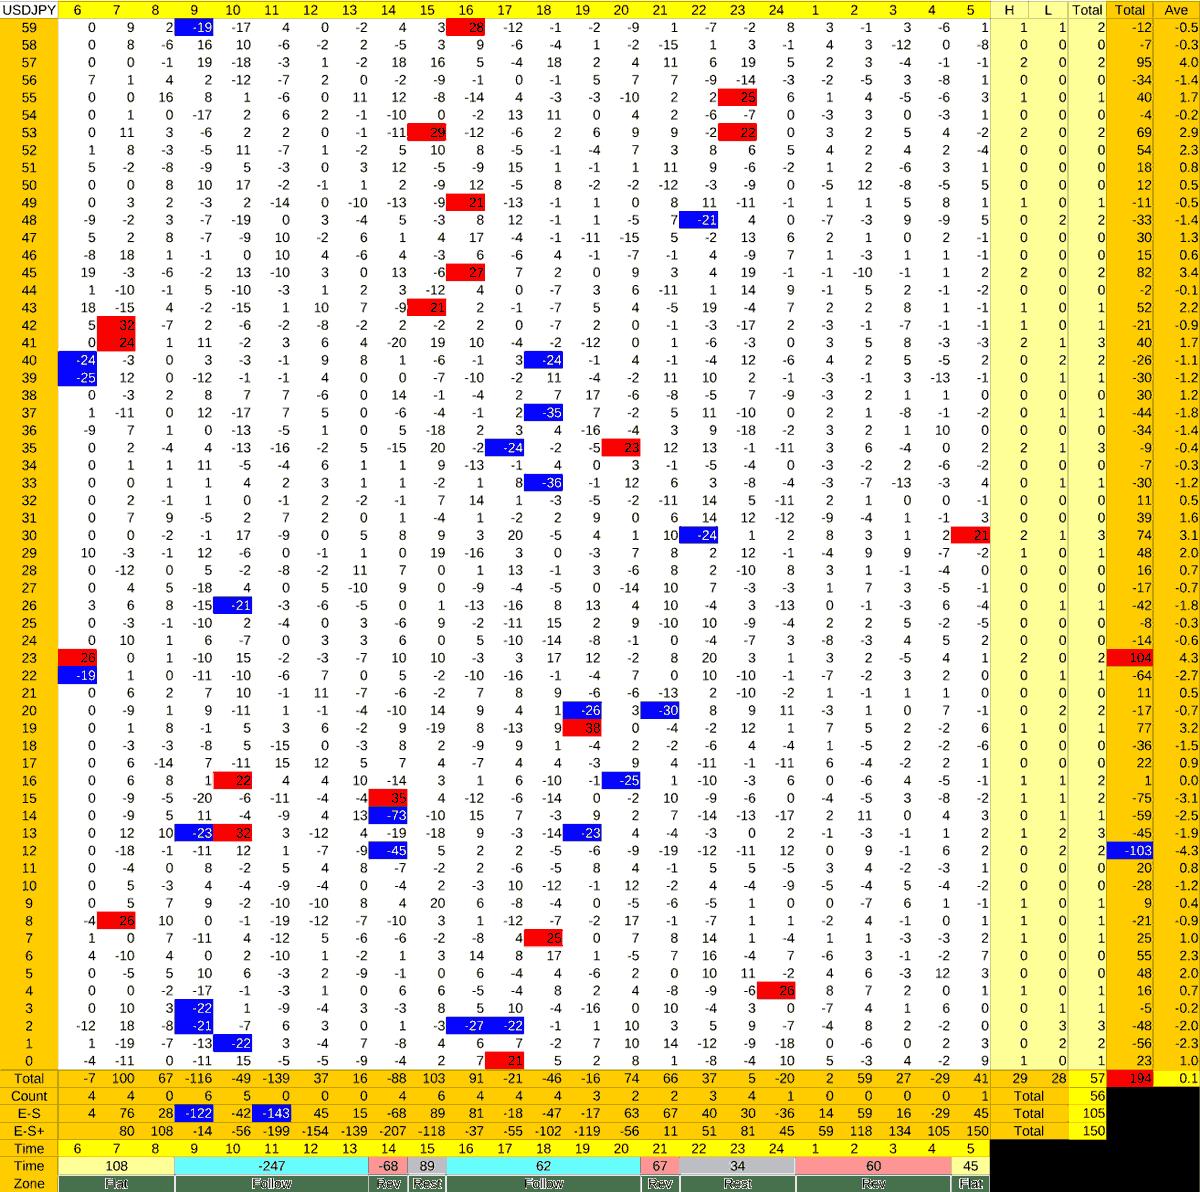 20210329_HS(1)USDJPY-min